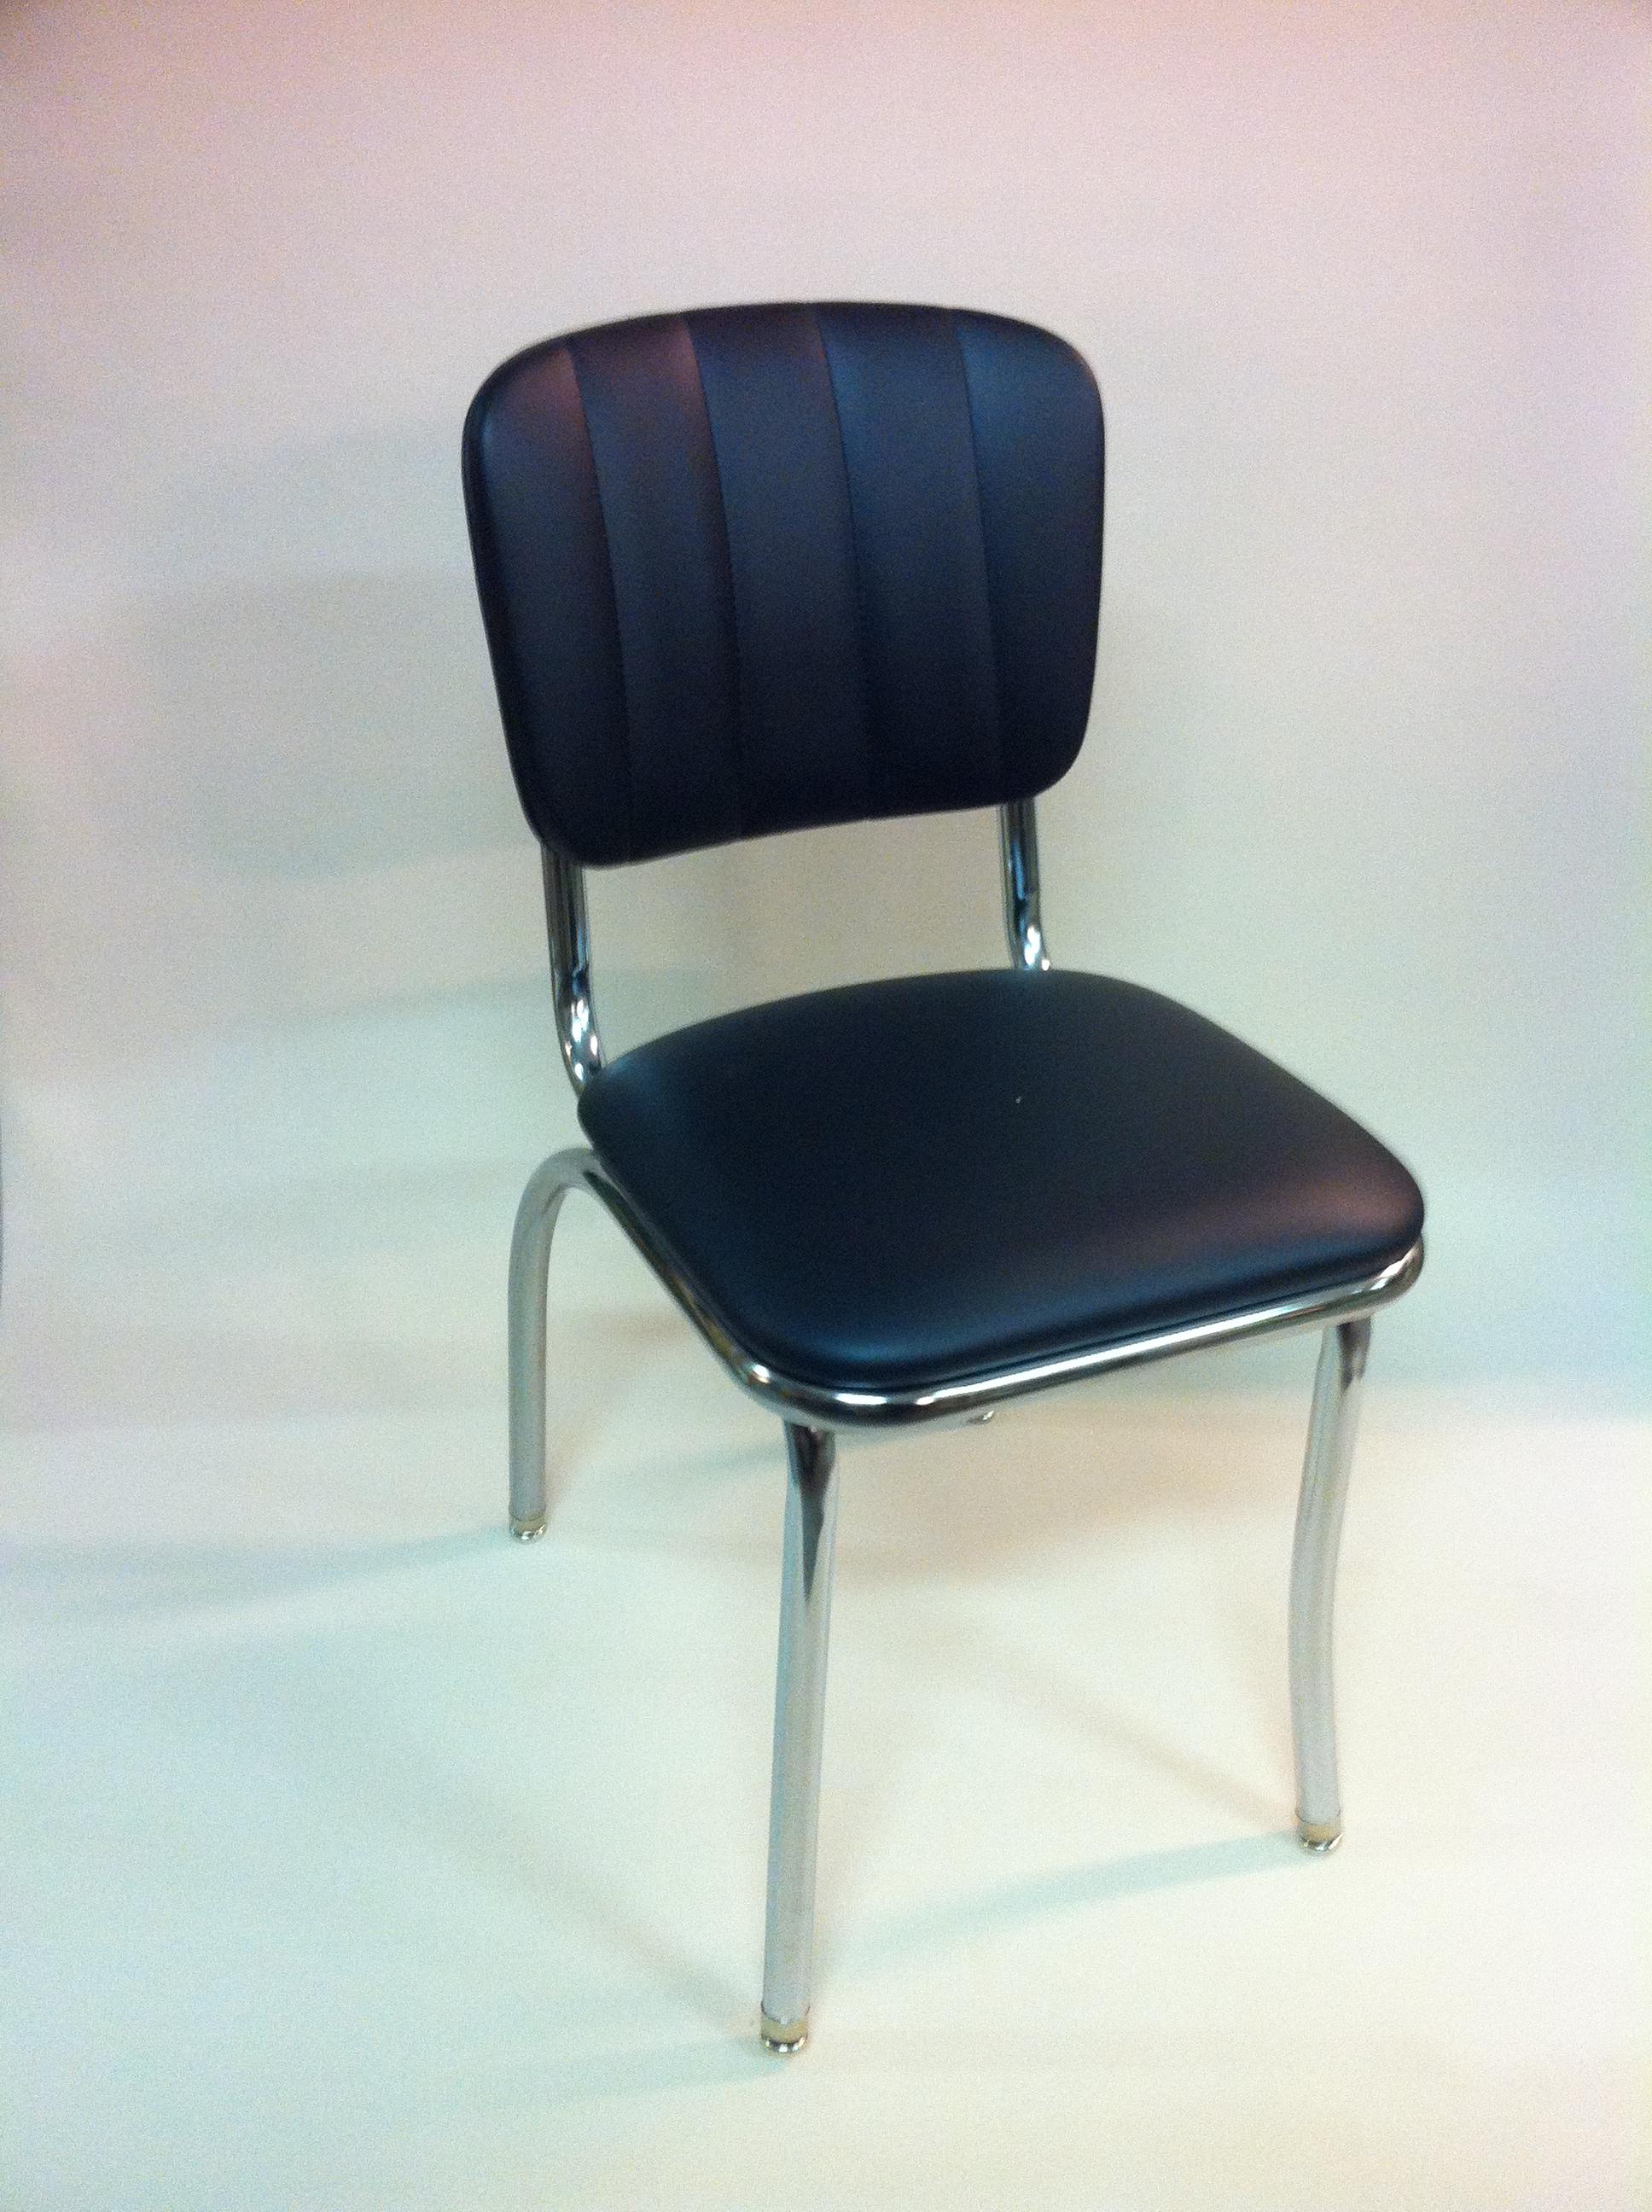 Eethoekbanken Keuken : De Bel Air collectie stoelen voor keuken, eethoek, projekt, horeca